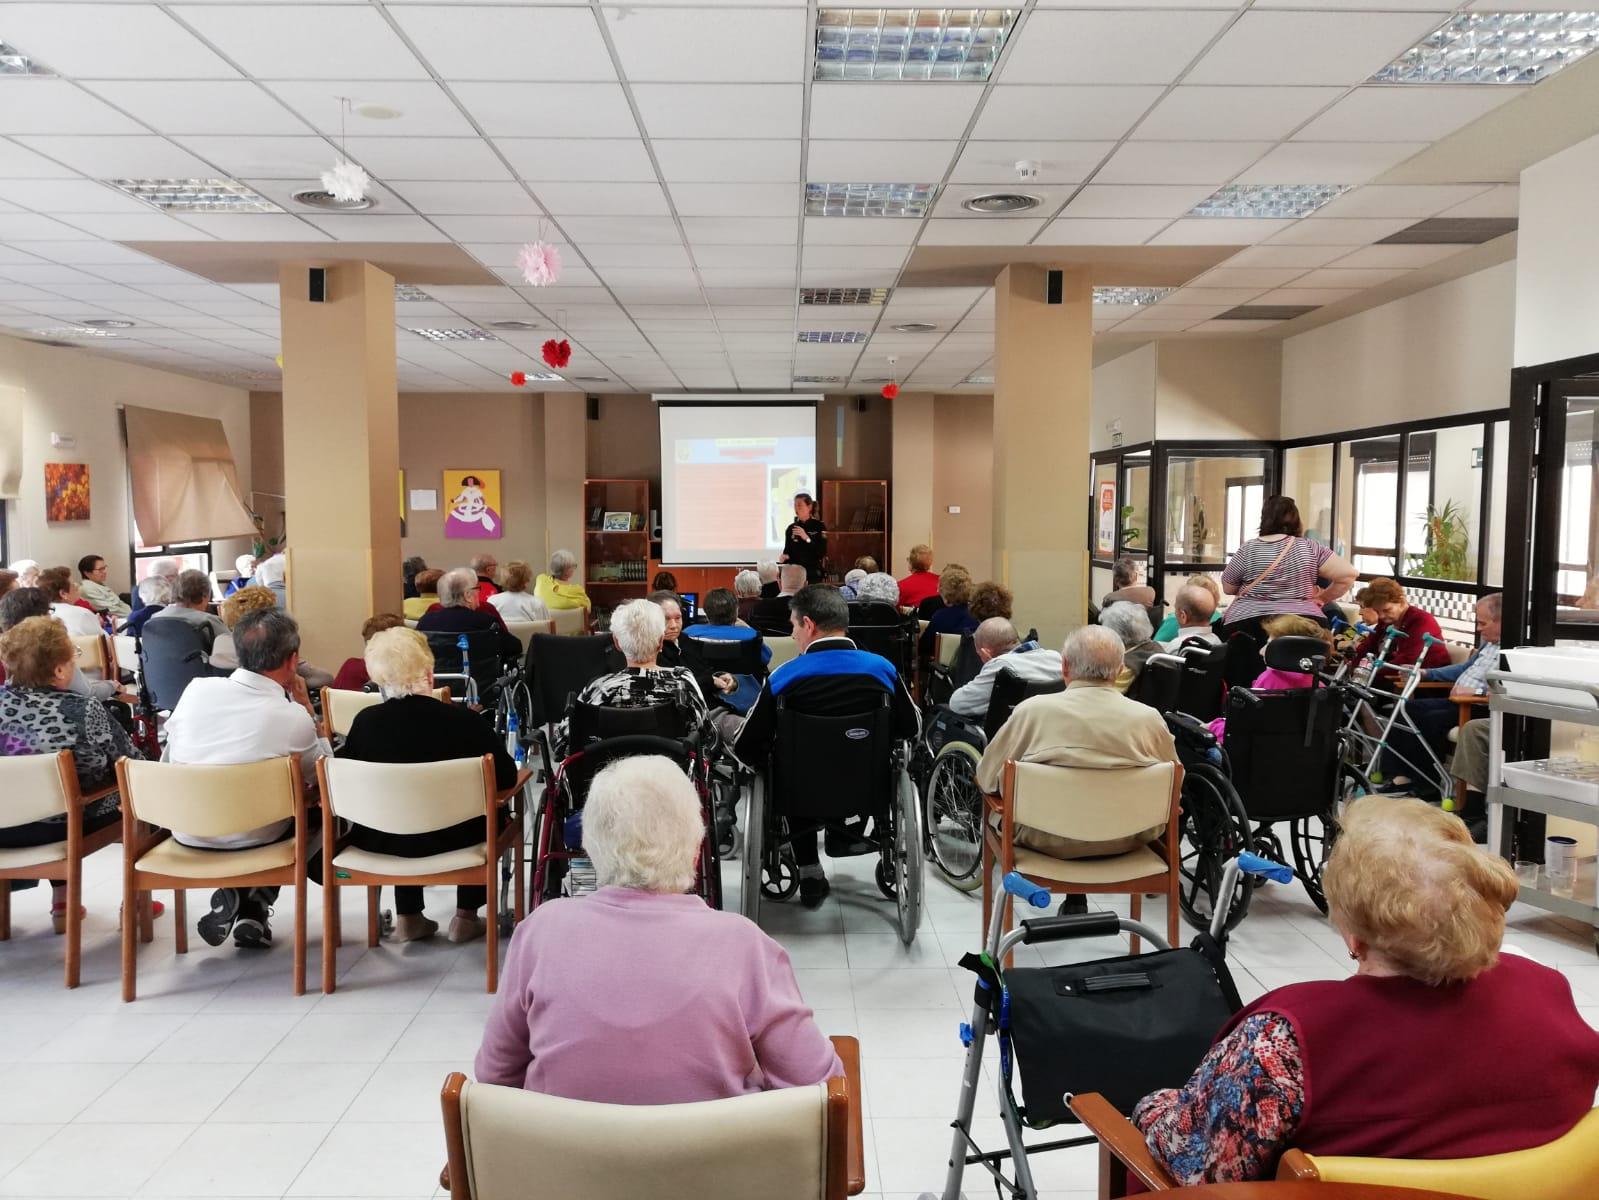 eguridad Ciudadana en Residencia DomusVi Leganés